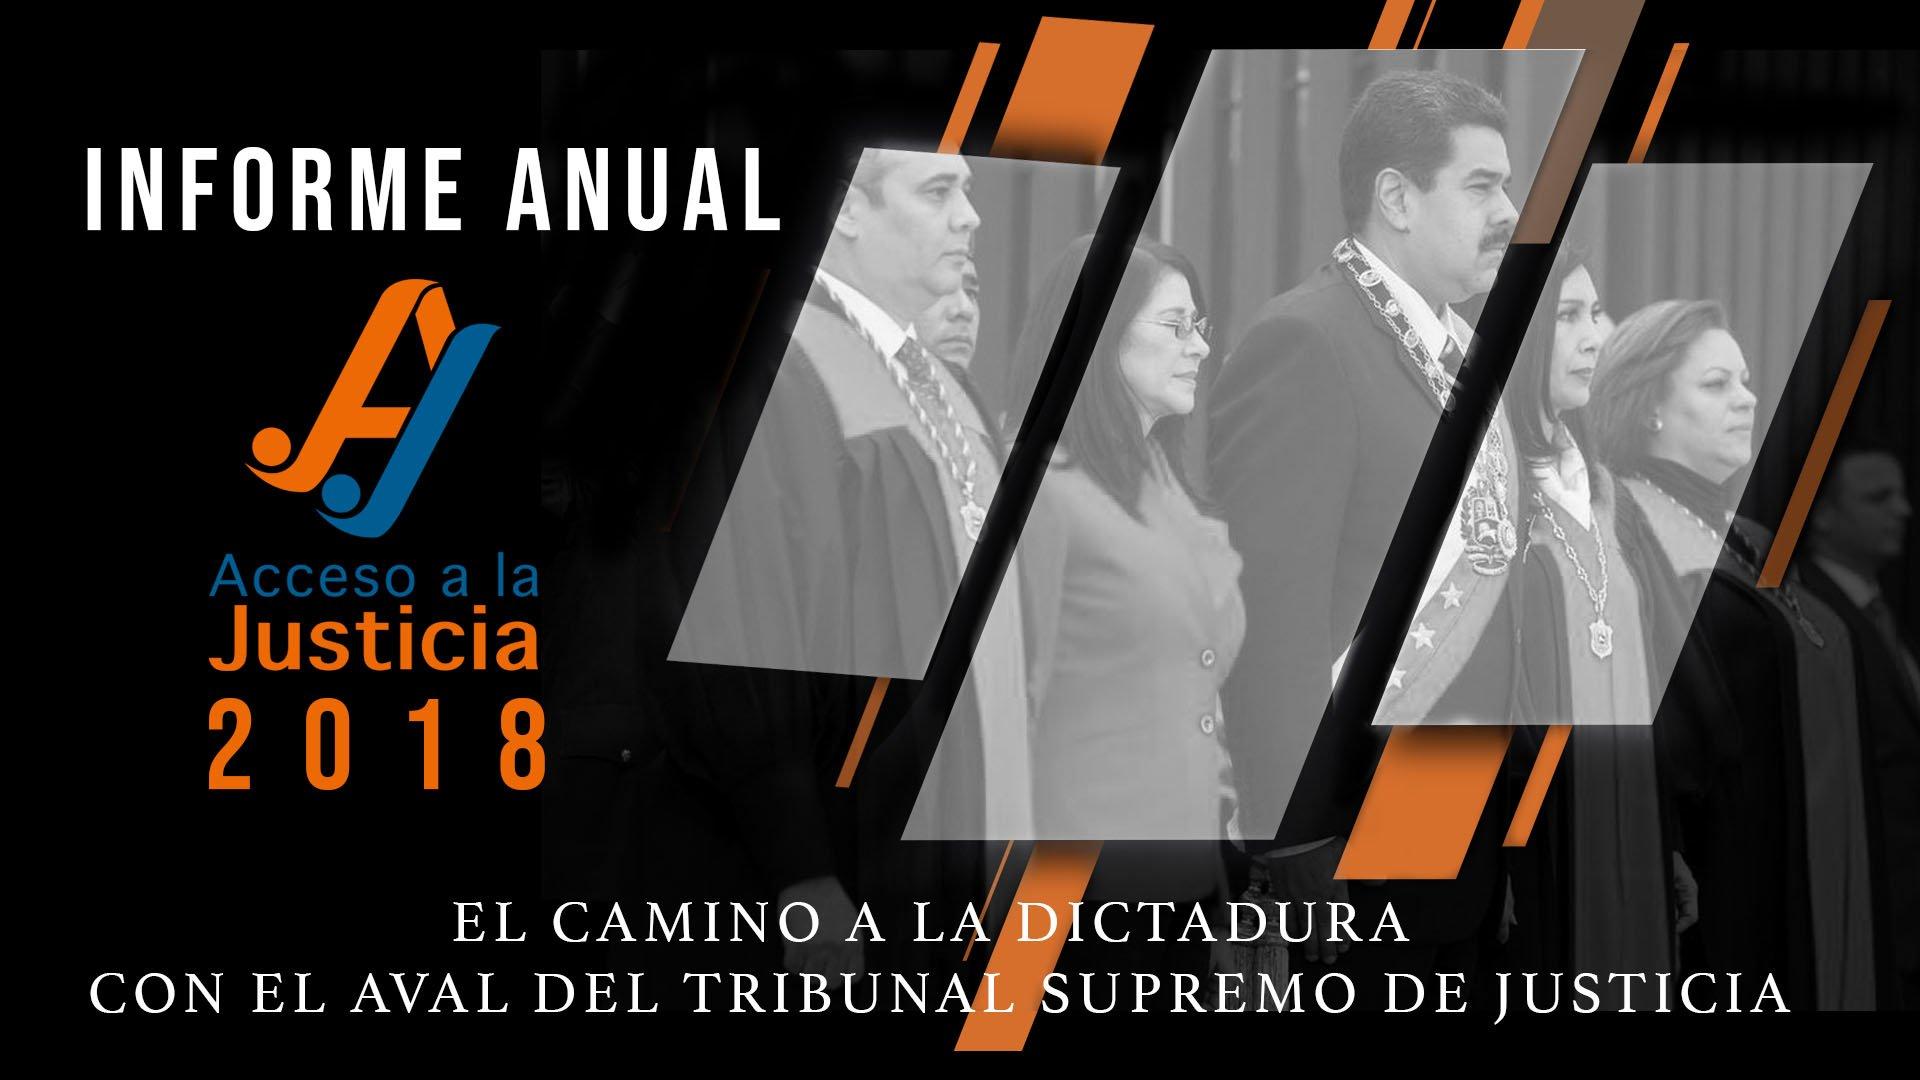 Informe anual 2018 de Acceso a la Justicia